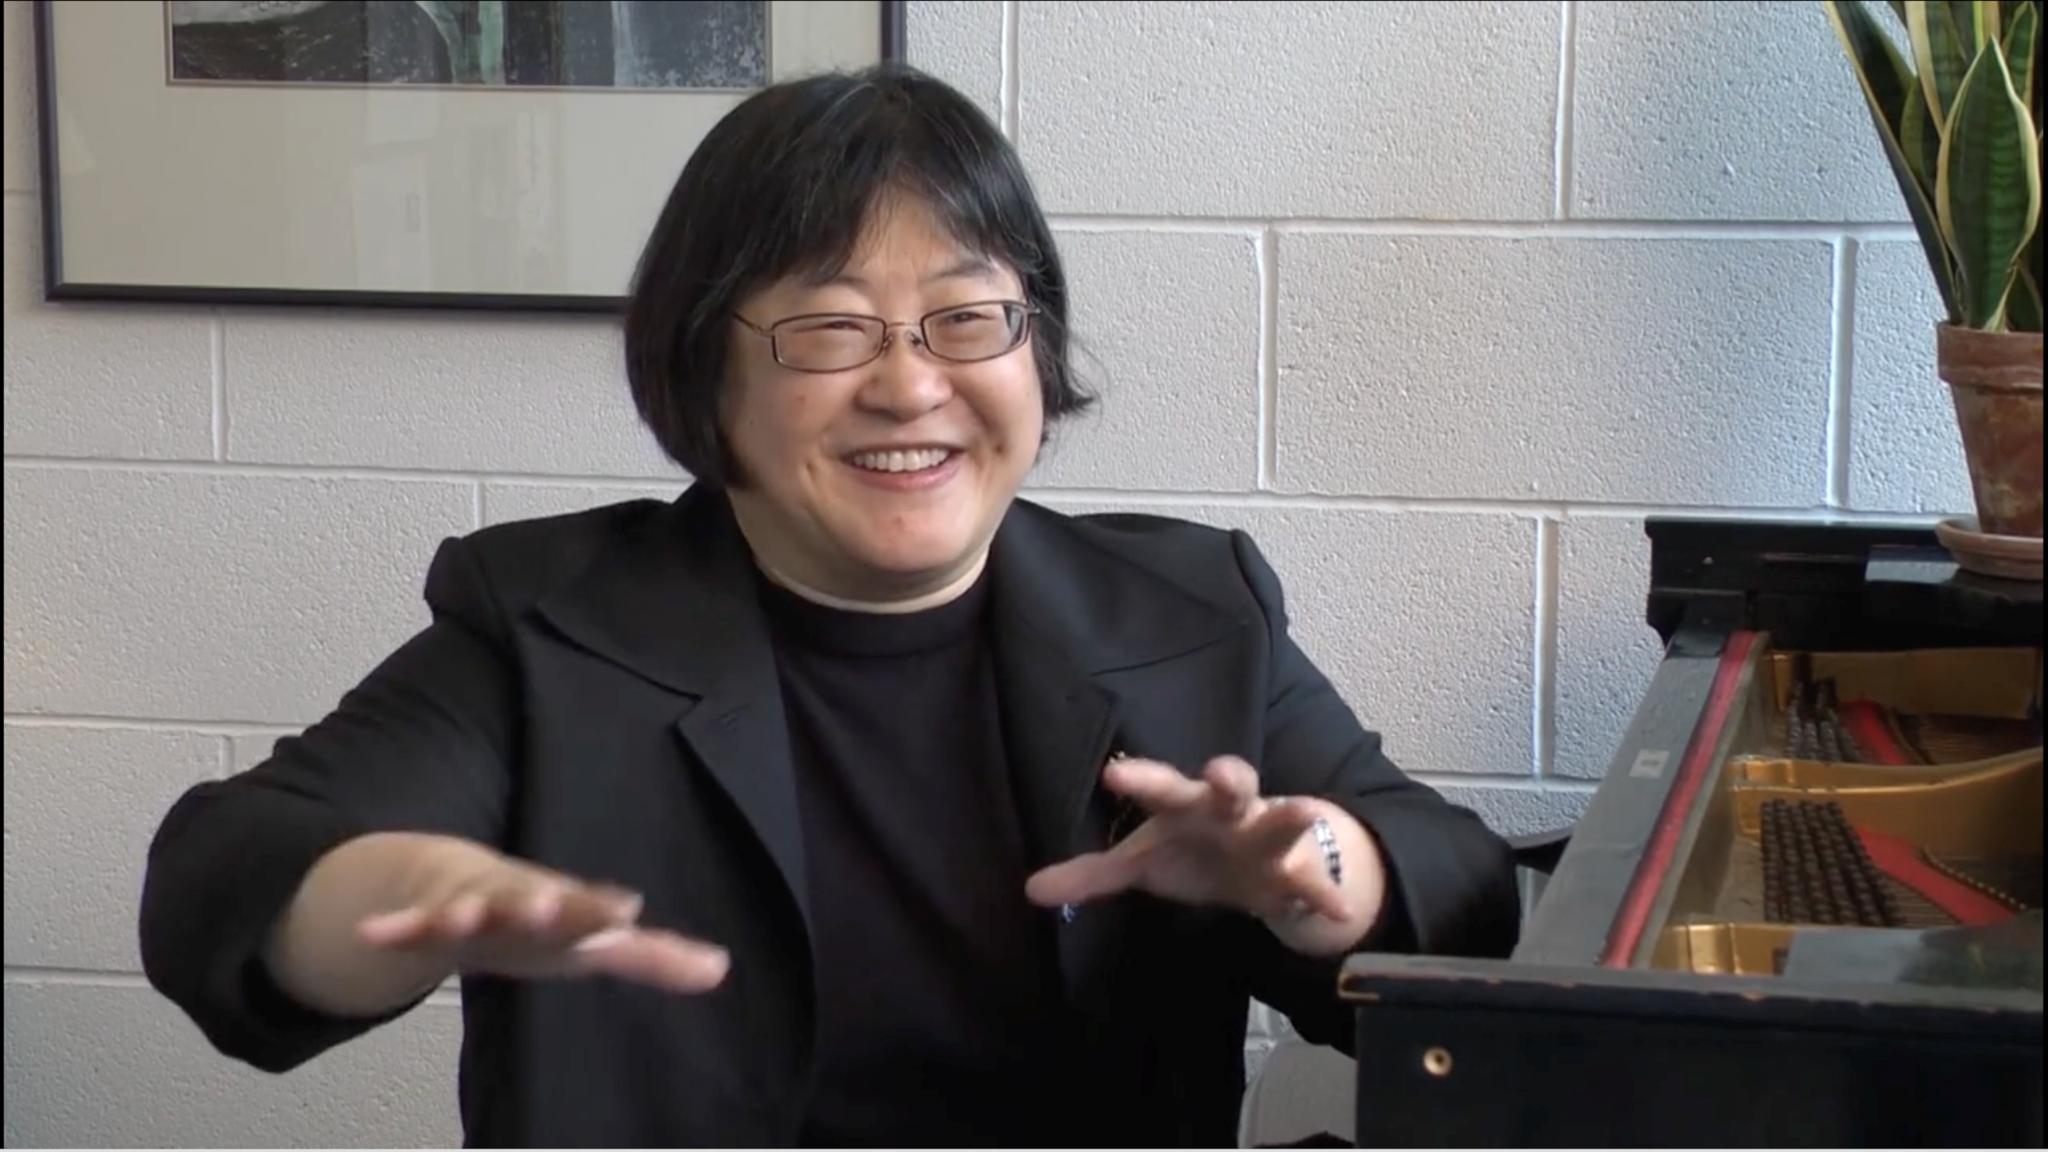 Chen Yi - kinesisk-amerikansk tonsättare och musik från Nordkorea